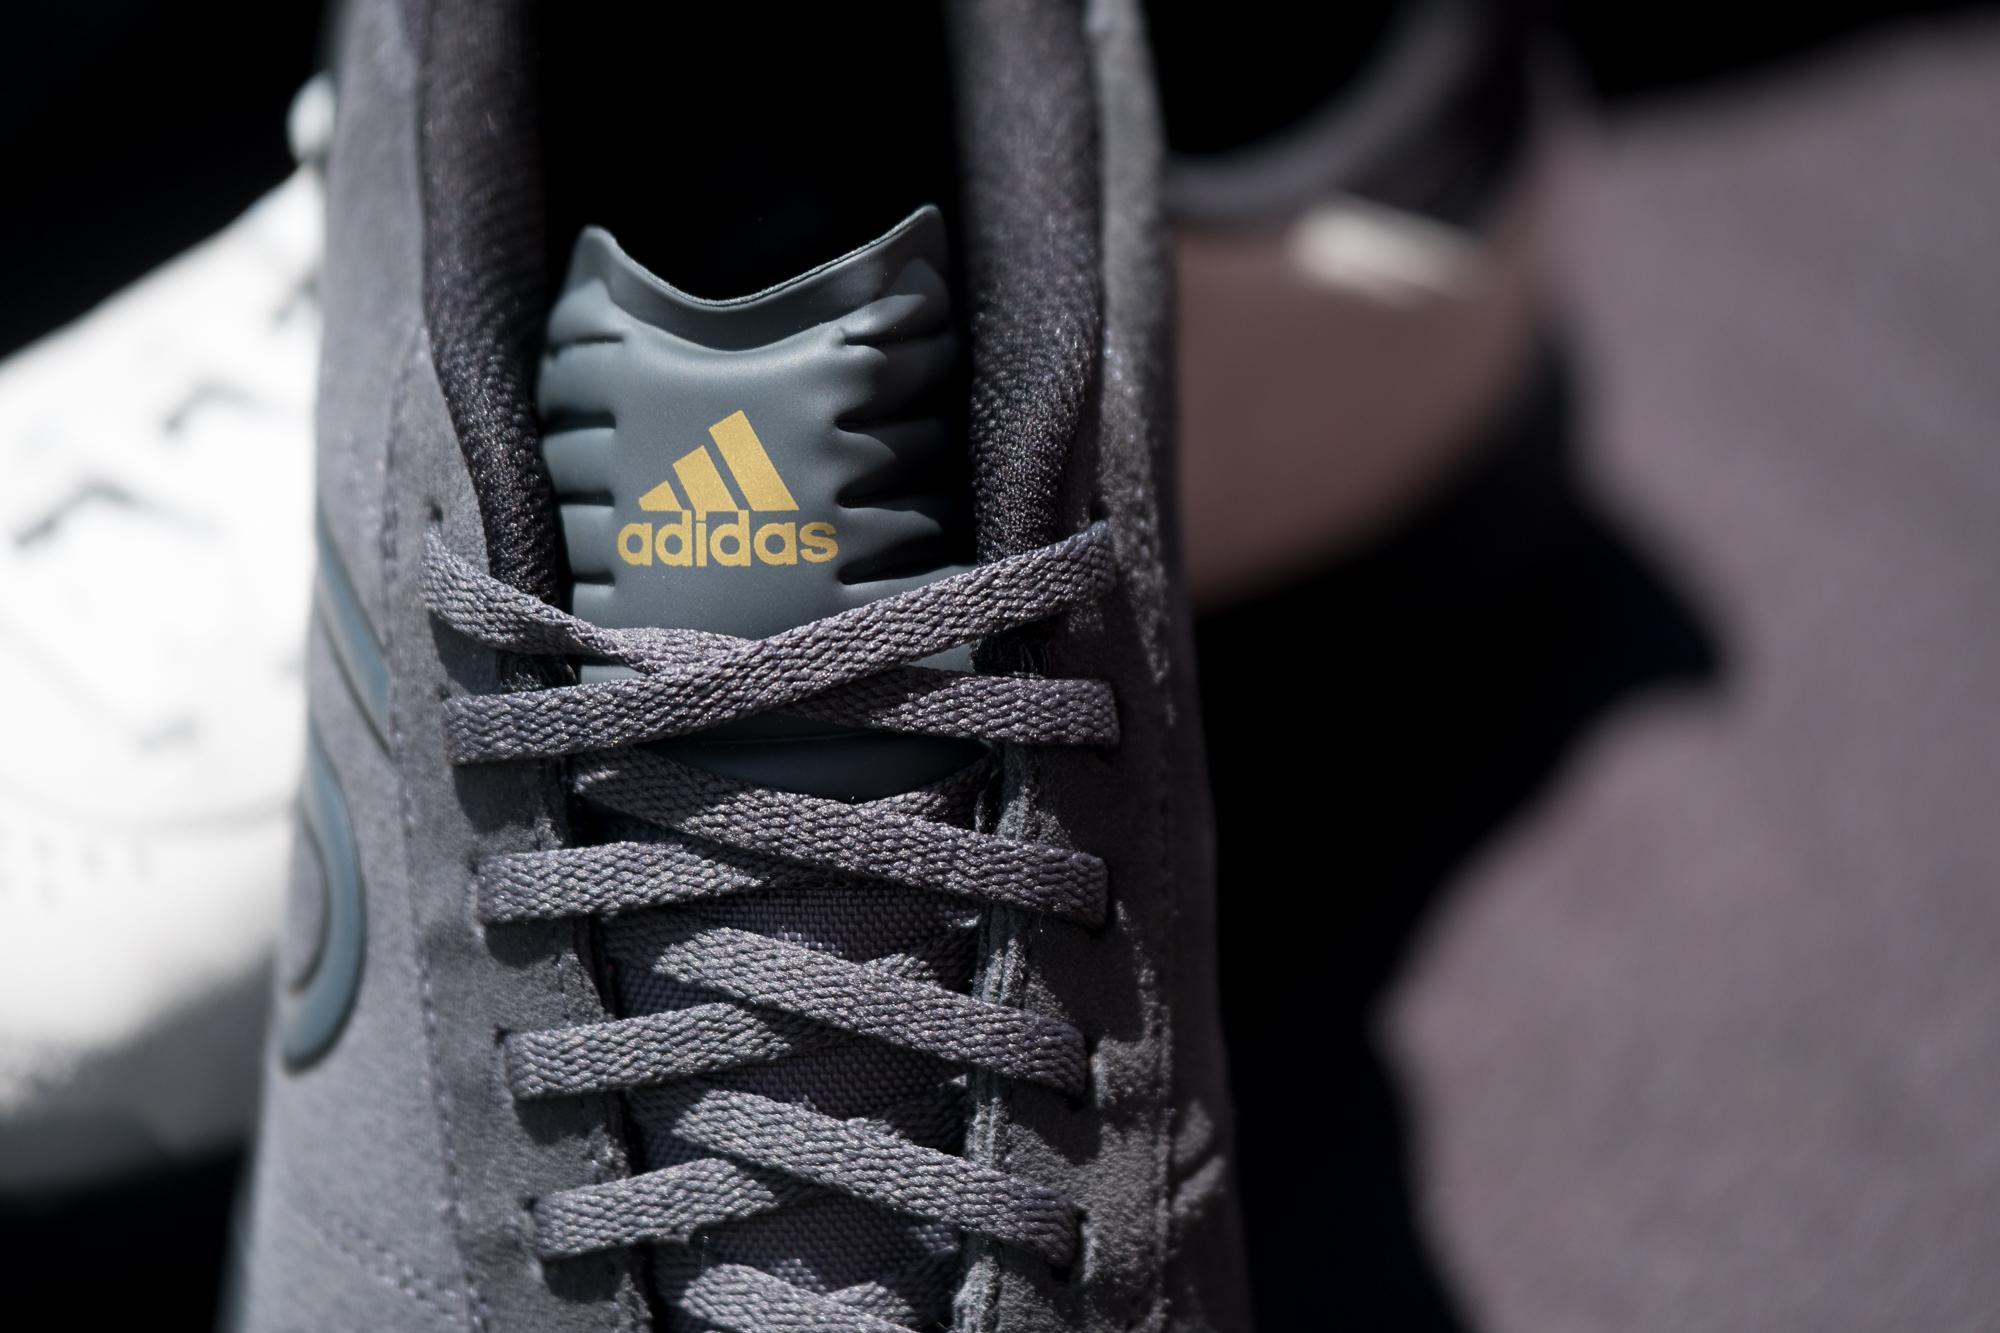 5.10 X Adidas